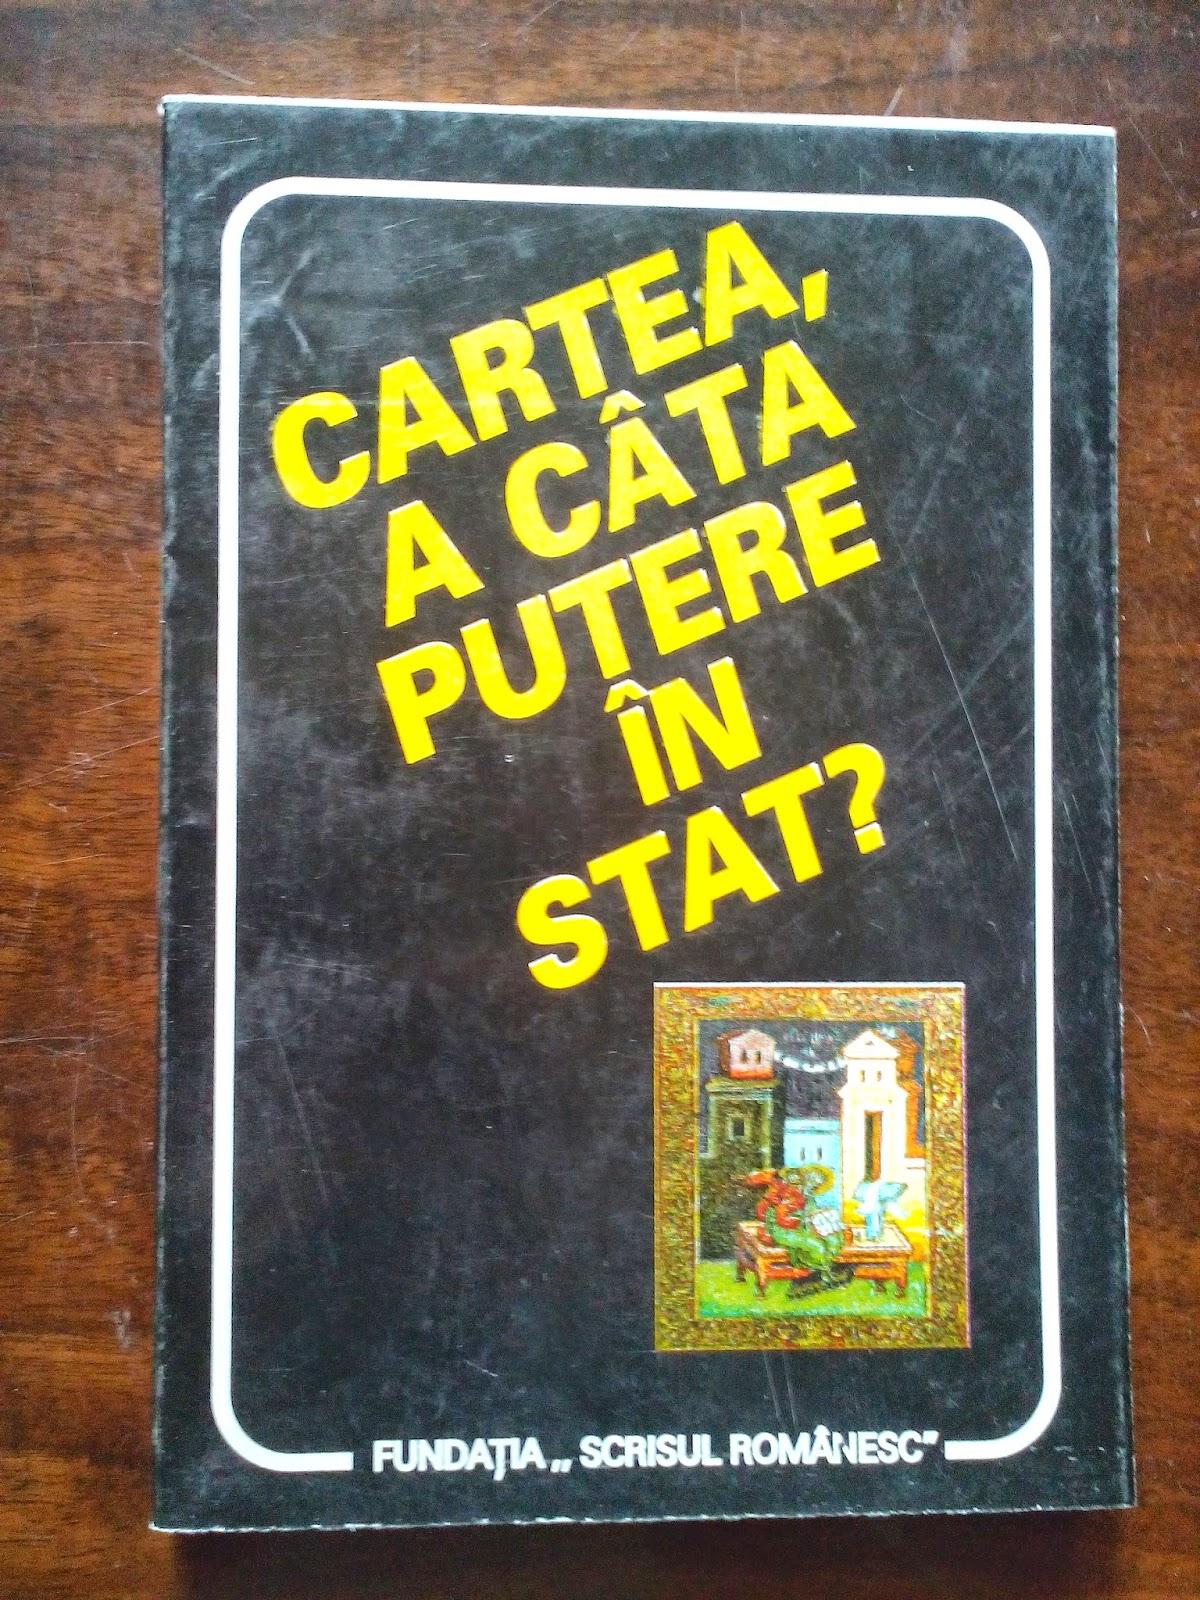 Fundatia Scrisul Romanesc - Cartea, a cata putere in stat?